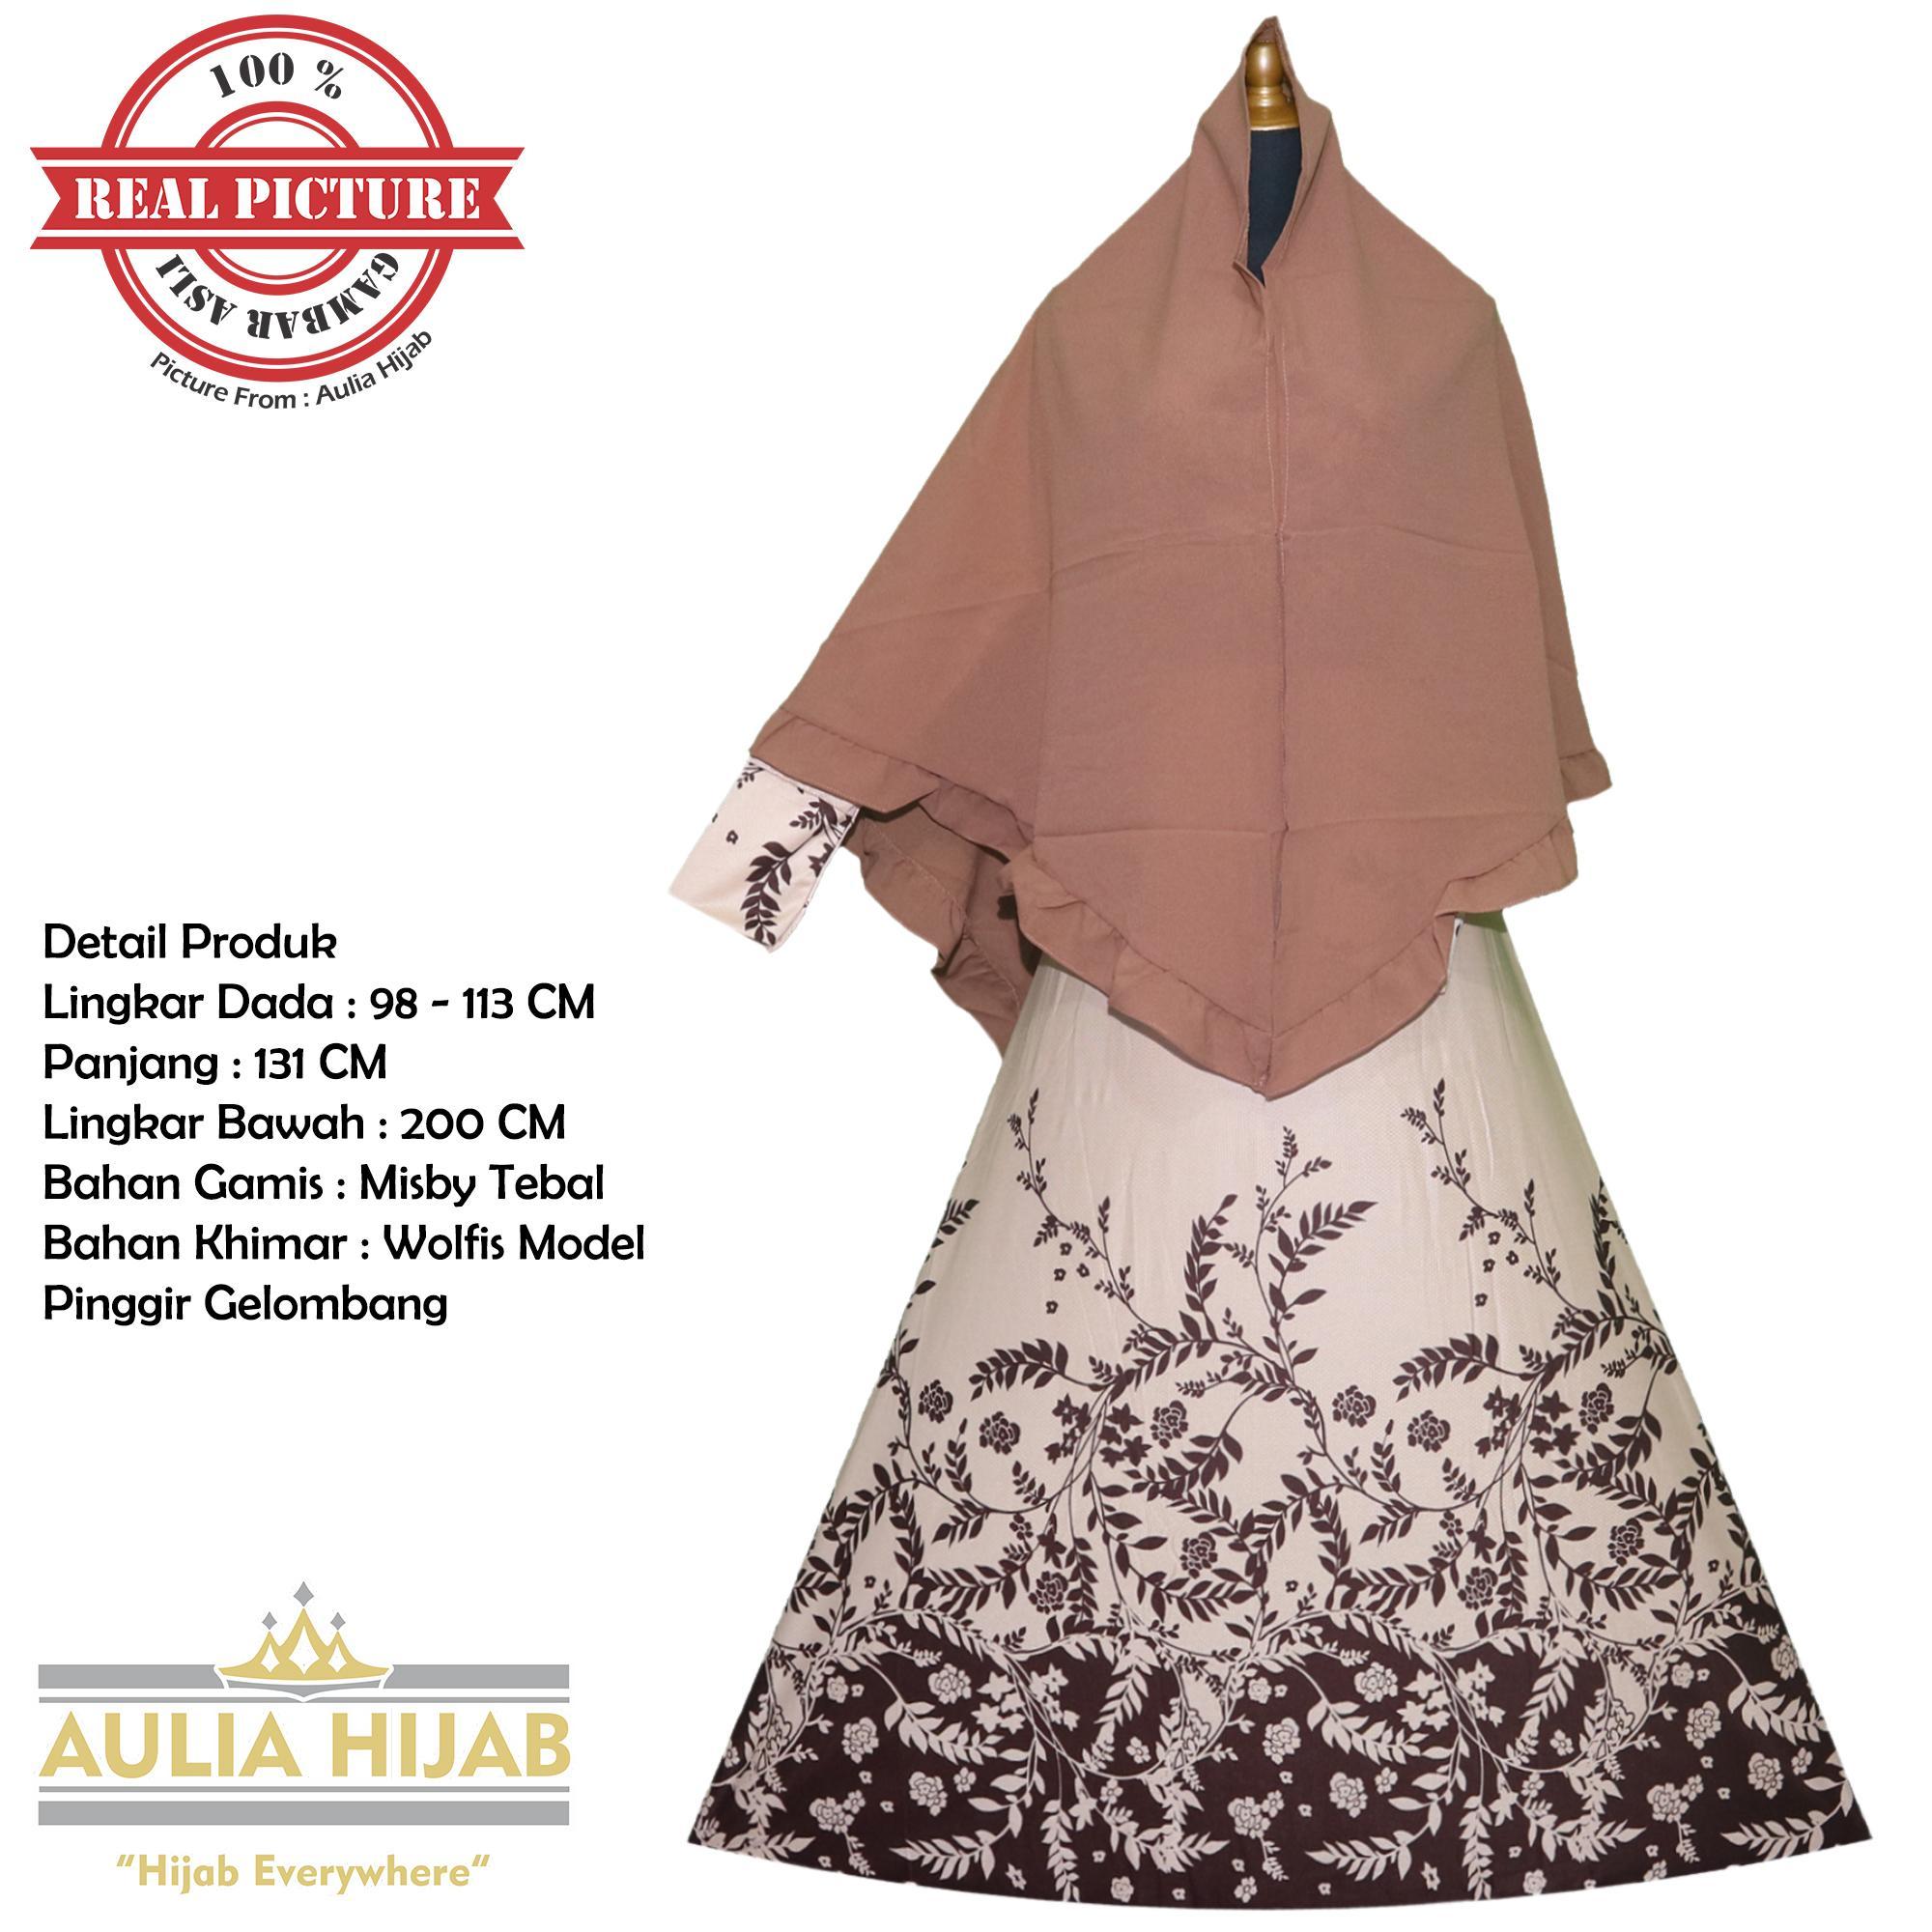 Aulia Hijab - New Najwa Syar'i/Gamis Syar'i/Gamis Misby/Gamis Wolfis/Gamis Laser/Gamis Murah/Gamis Terbaru/Gamis Jilbab/Gamis Plus Jilbab/Gamis Jilbab Panjang/Gamis Plus Khimar/Gamis Pesta/Gamis Cantik